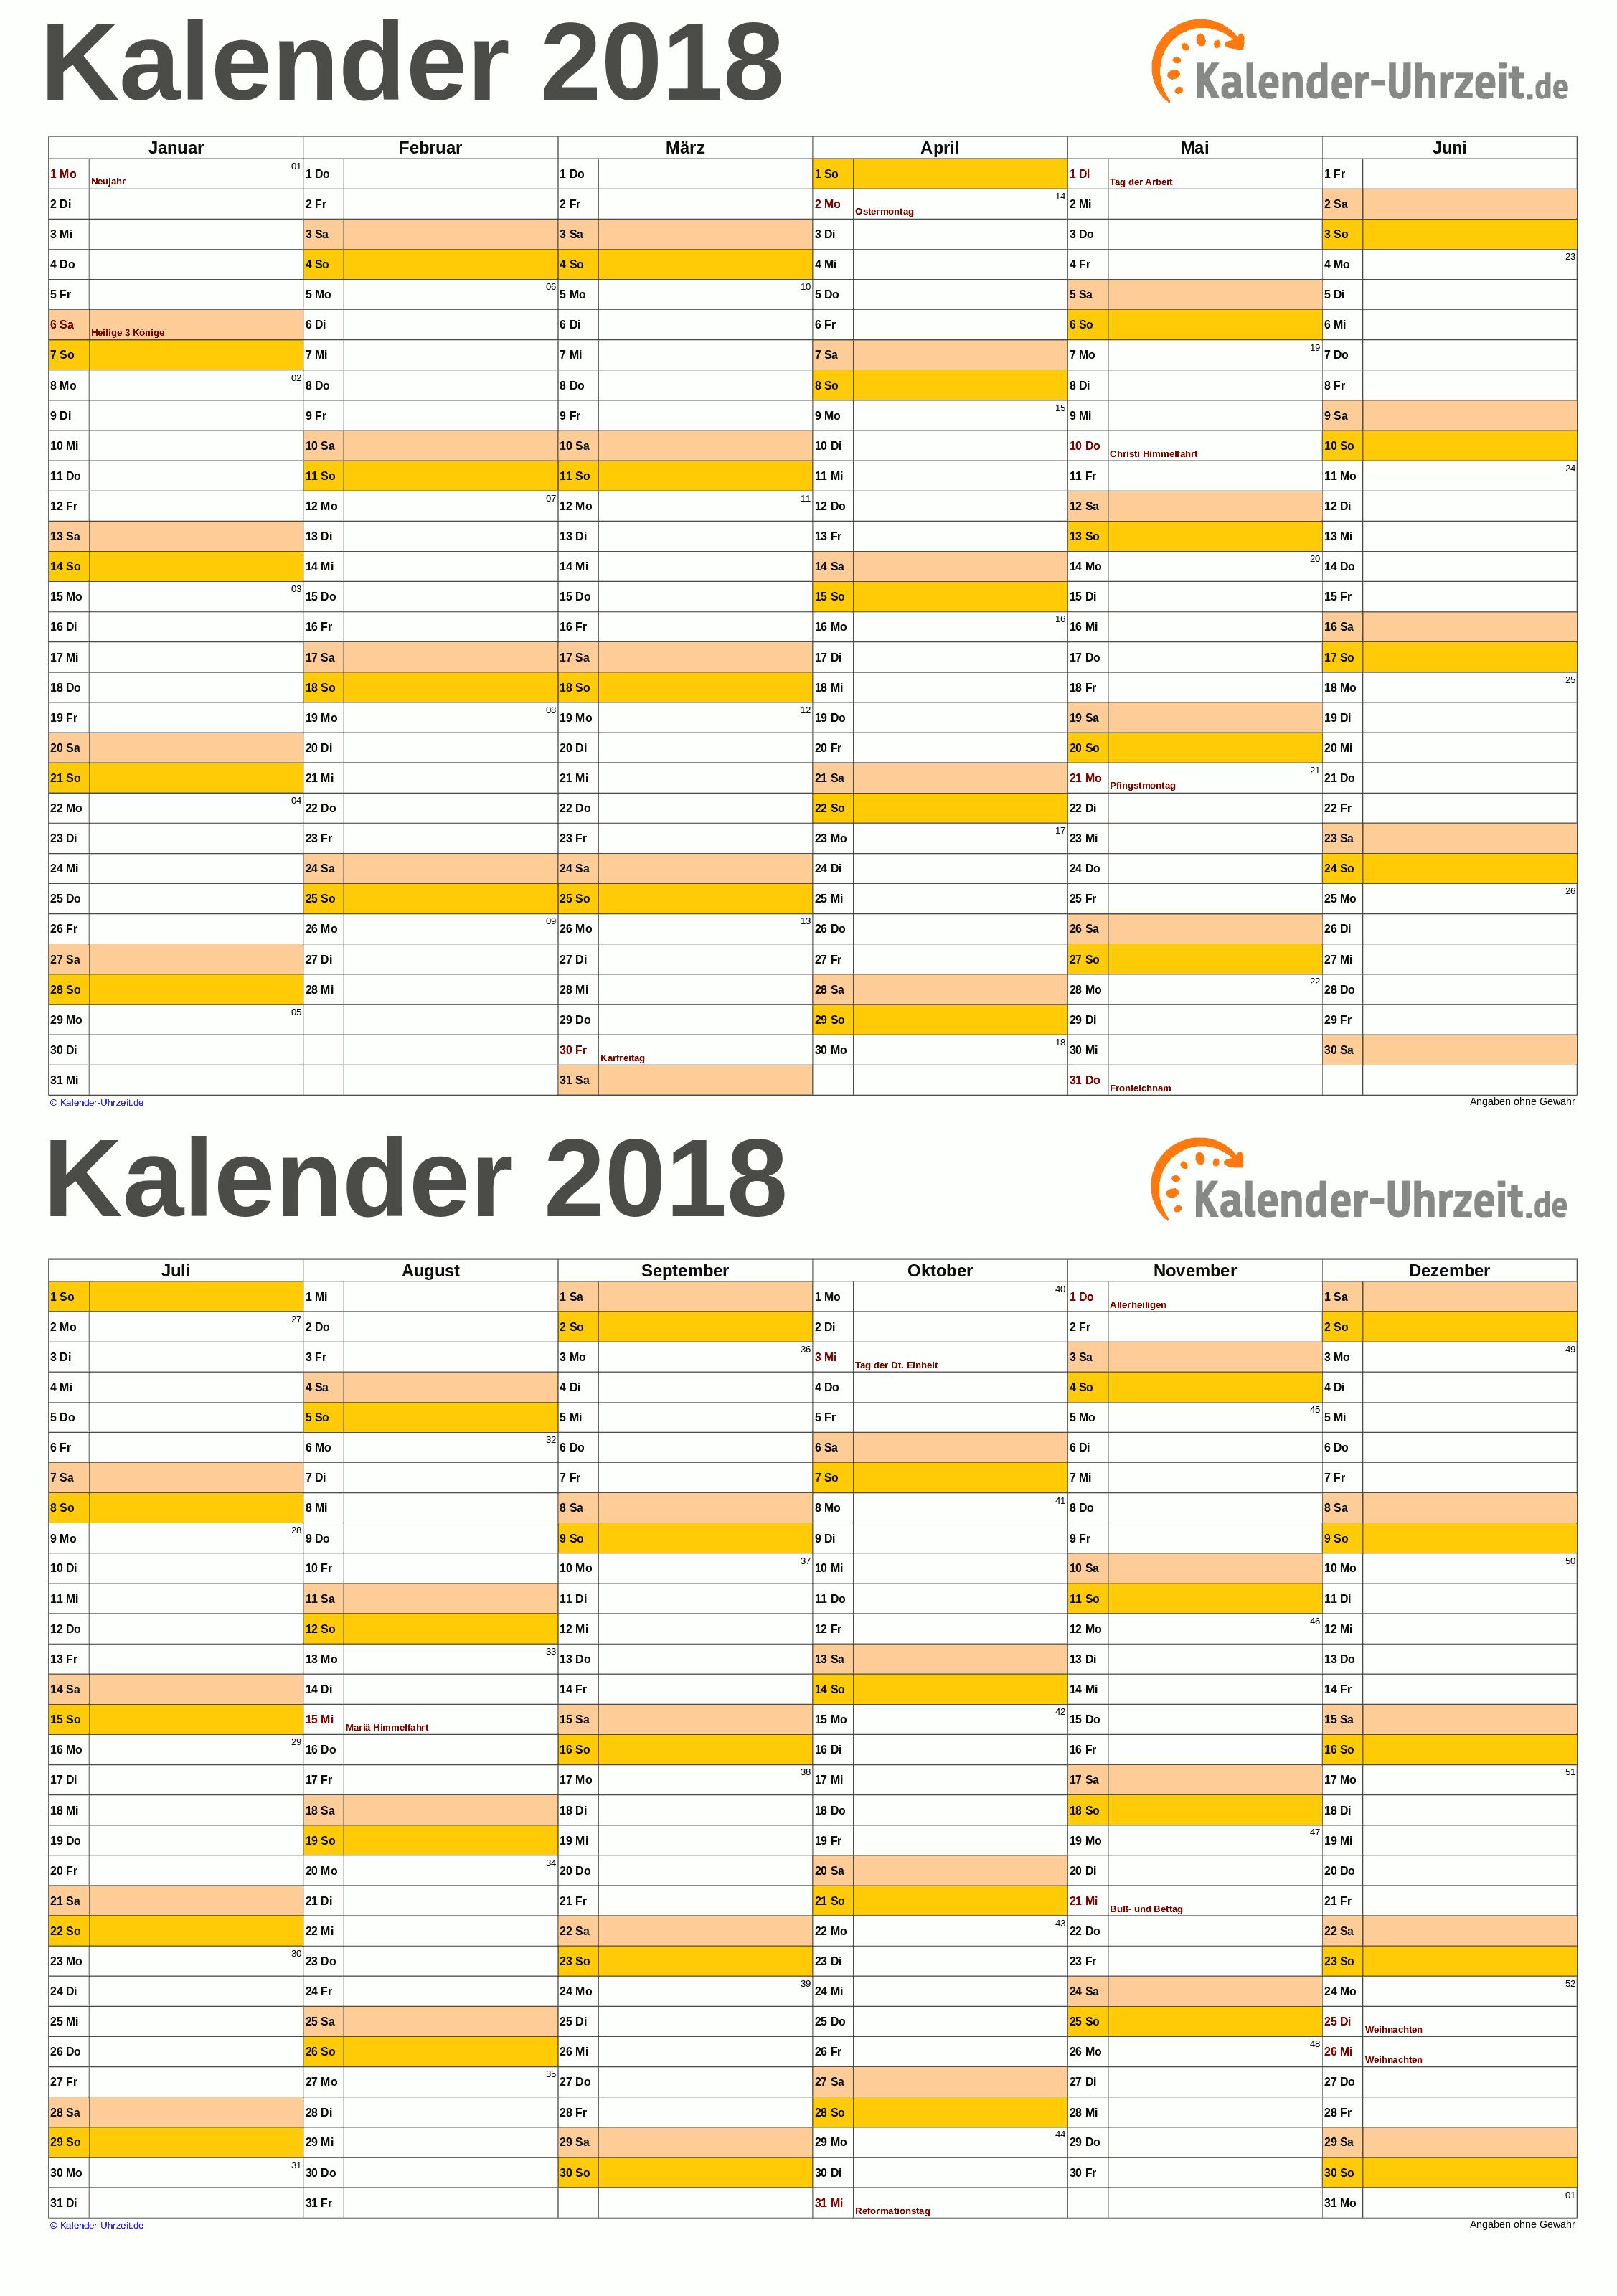 KALENDER 2018 ZUM AUSDRUCKEN - KOSTENLOS